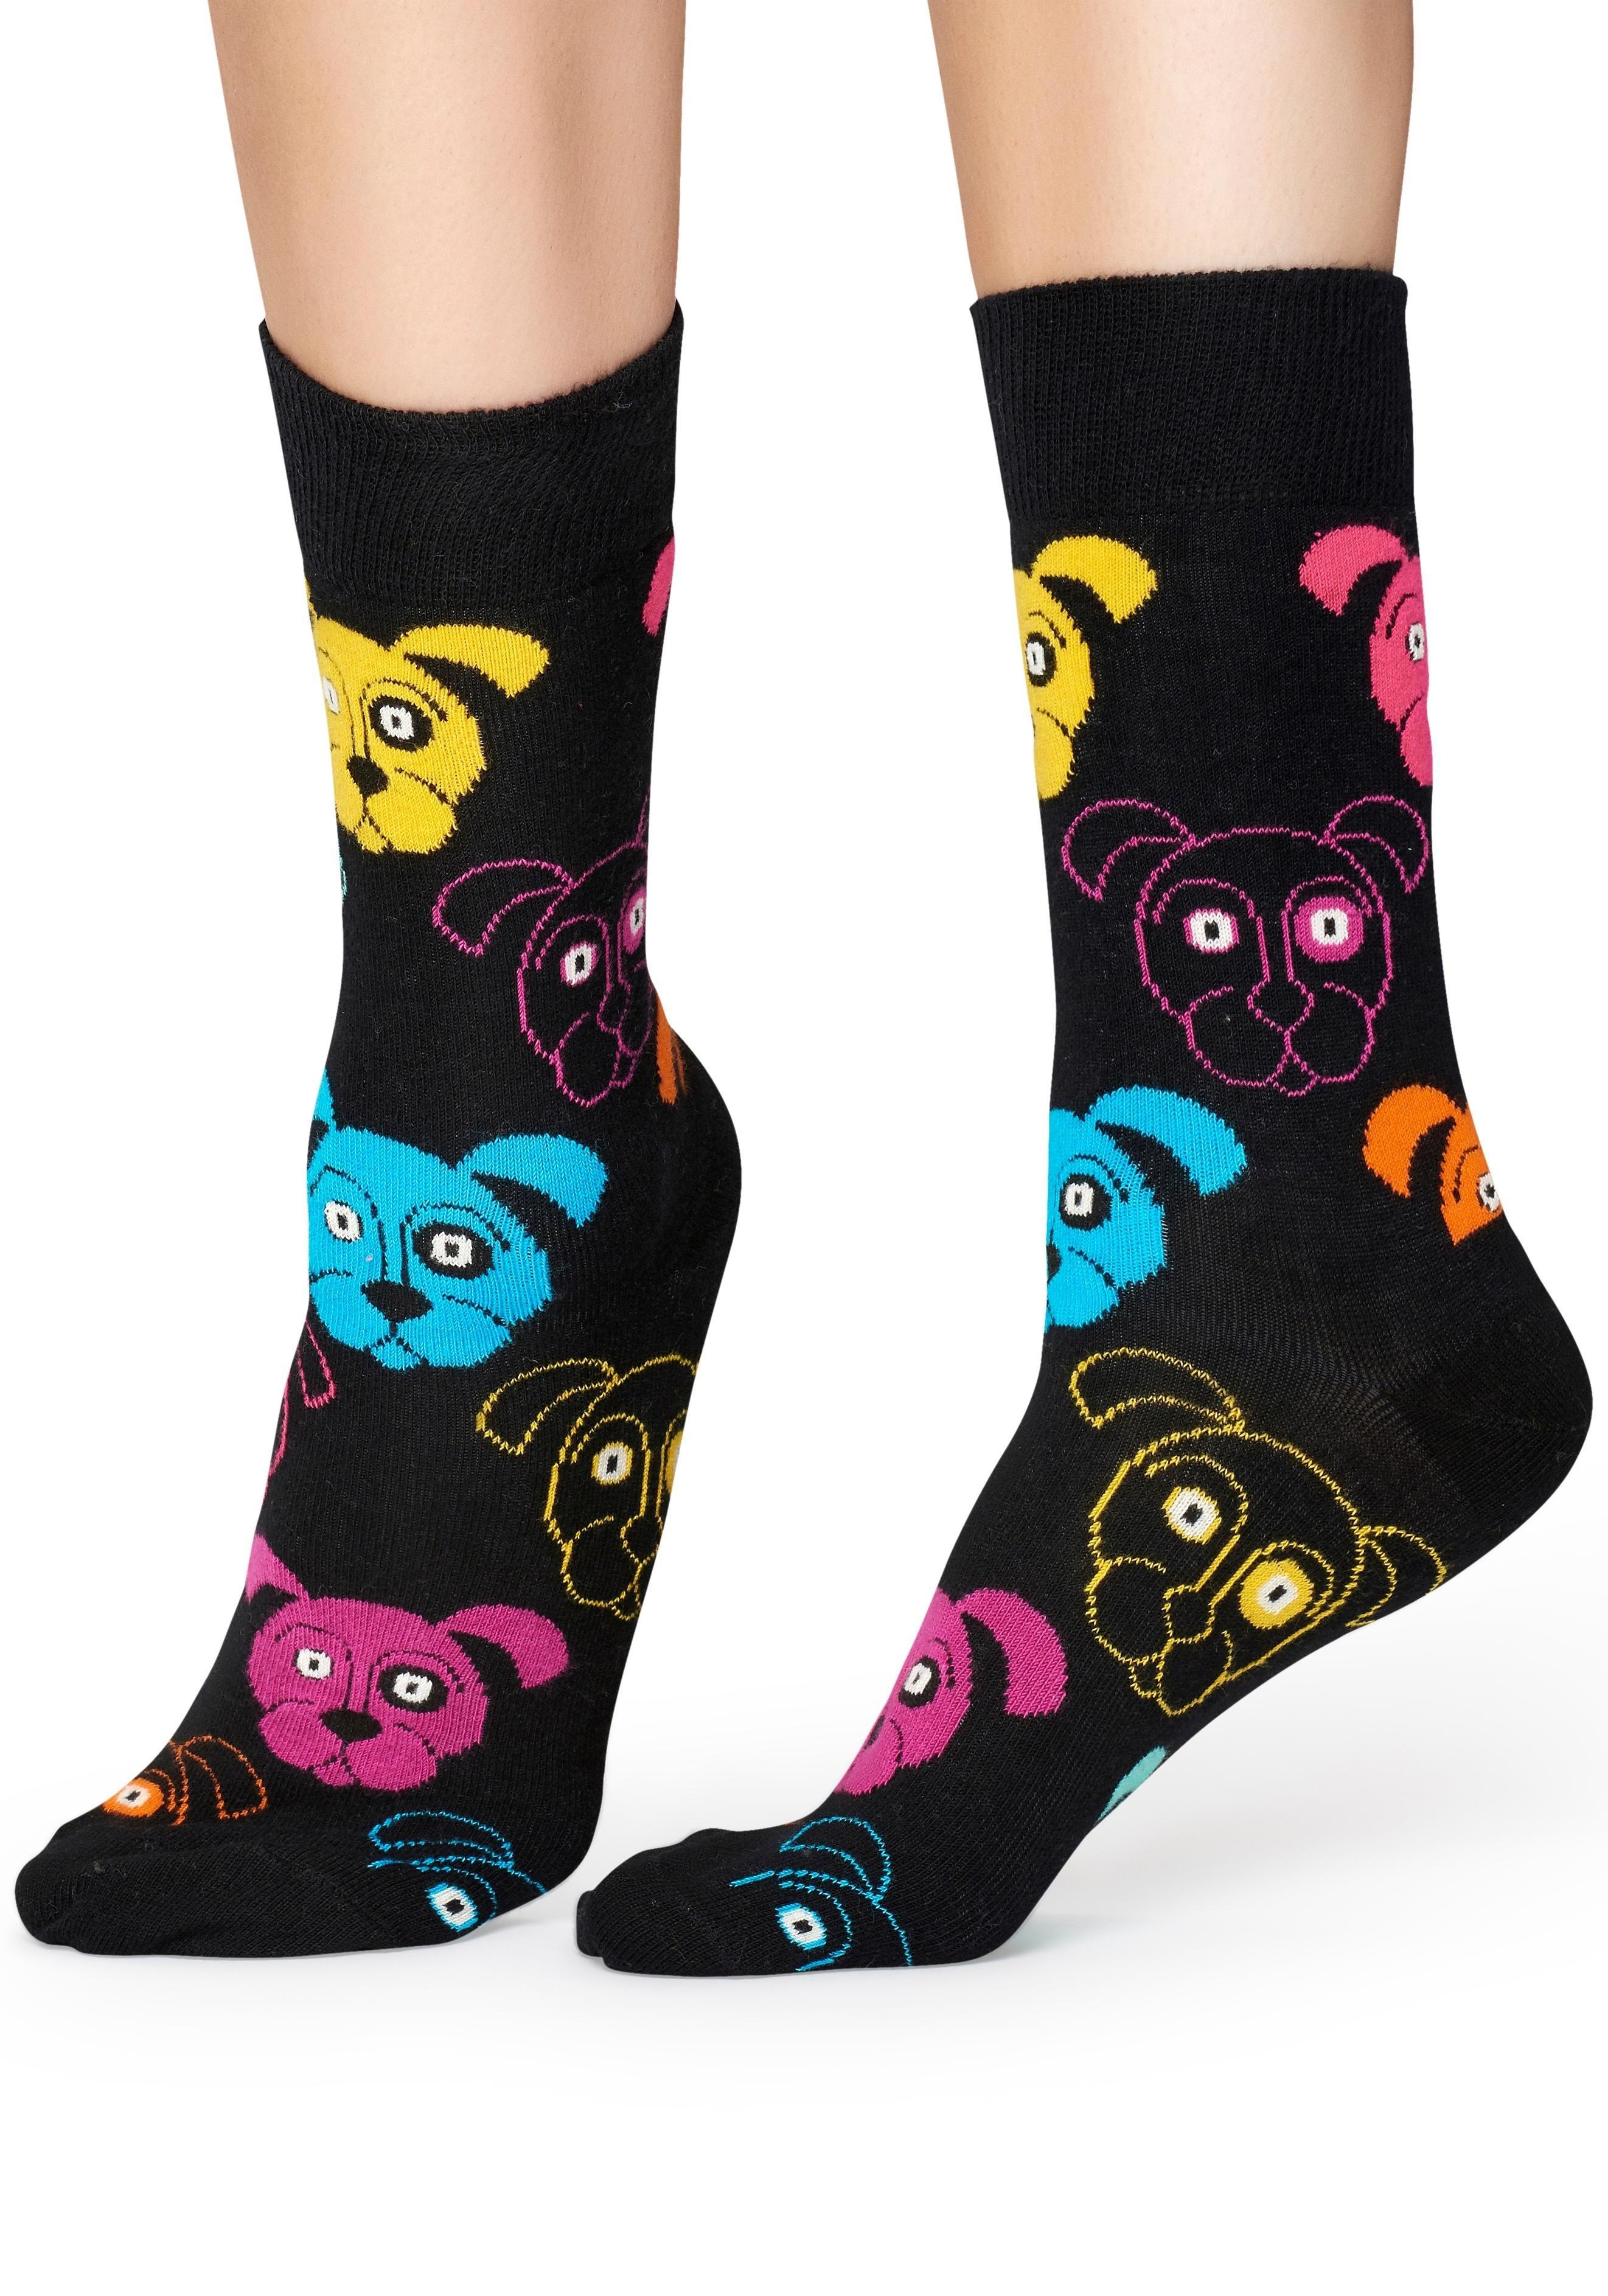 Happy Socks Sokken Dog met kleurrijke hondengezichten goedkoop op lascana.nl kopen